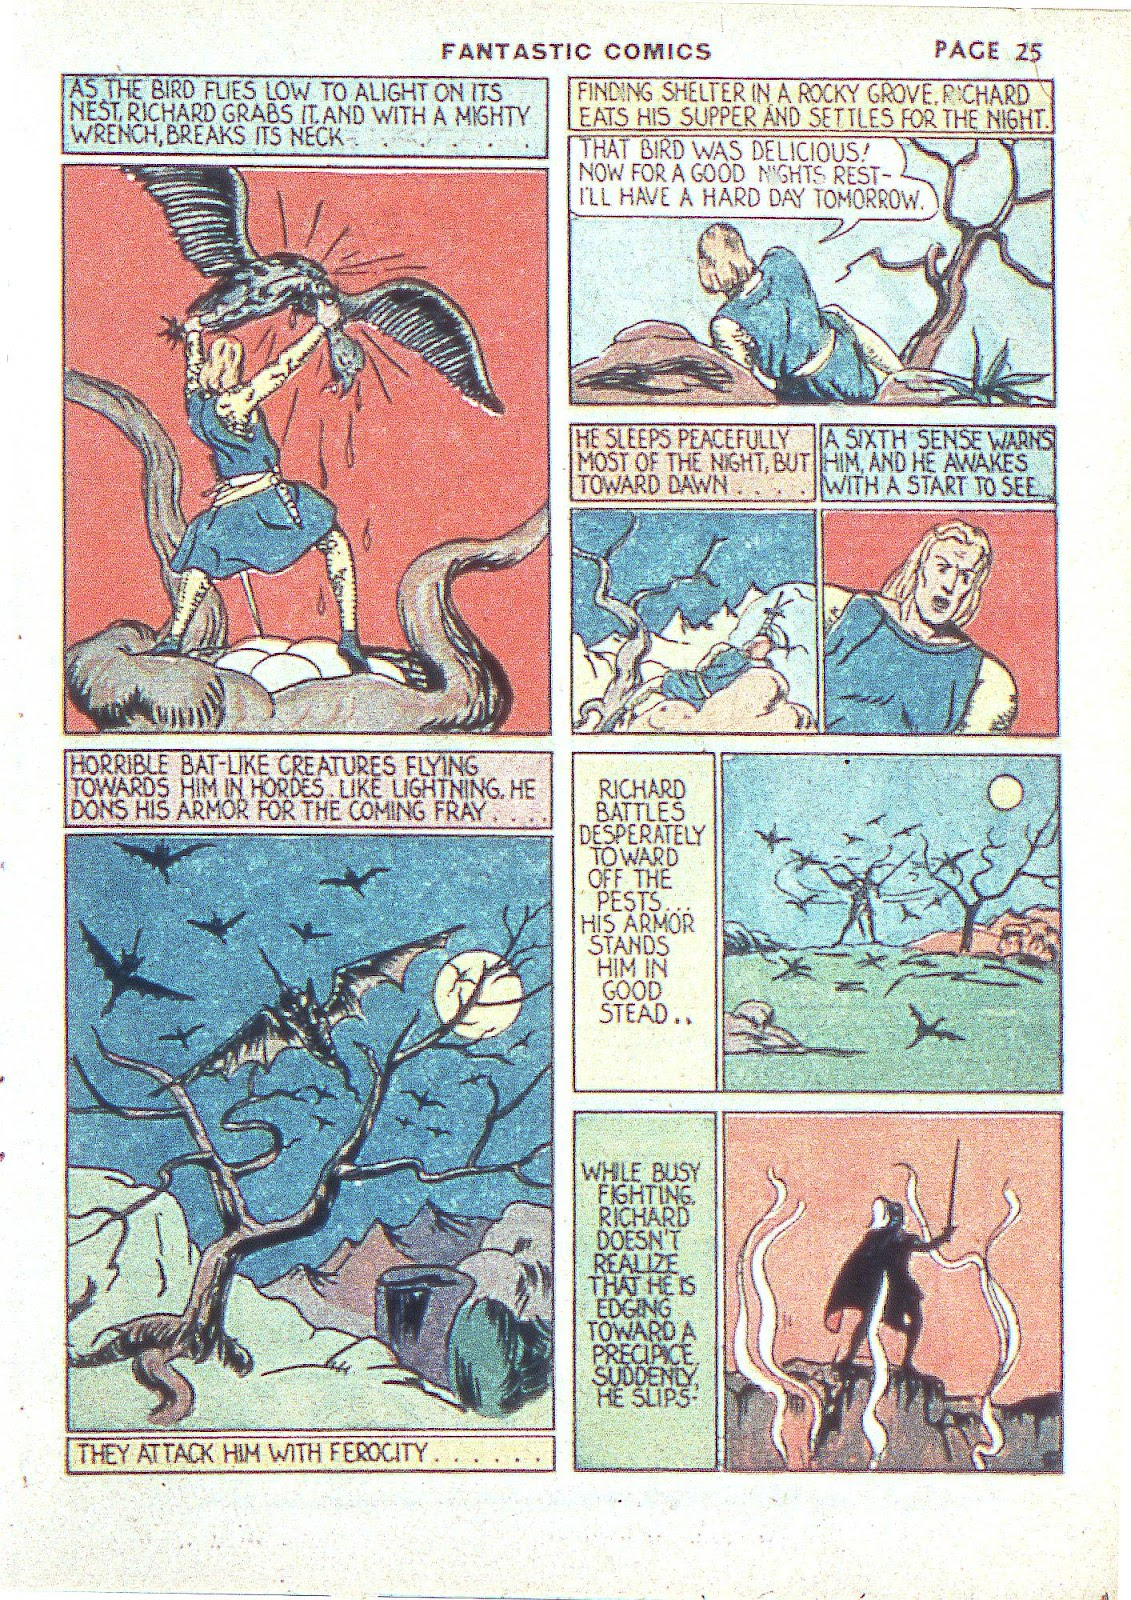 Read online Fantastic Comics comic -  Issue #3 - 28